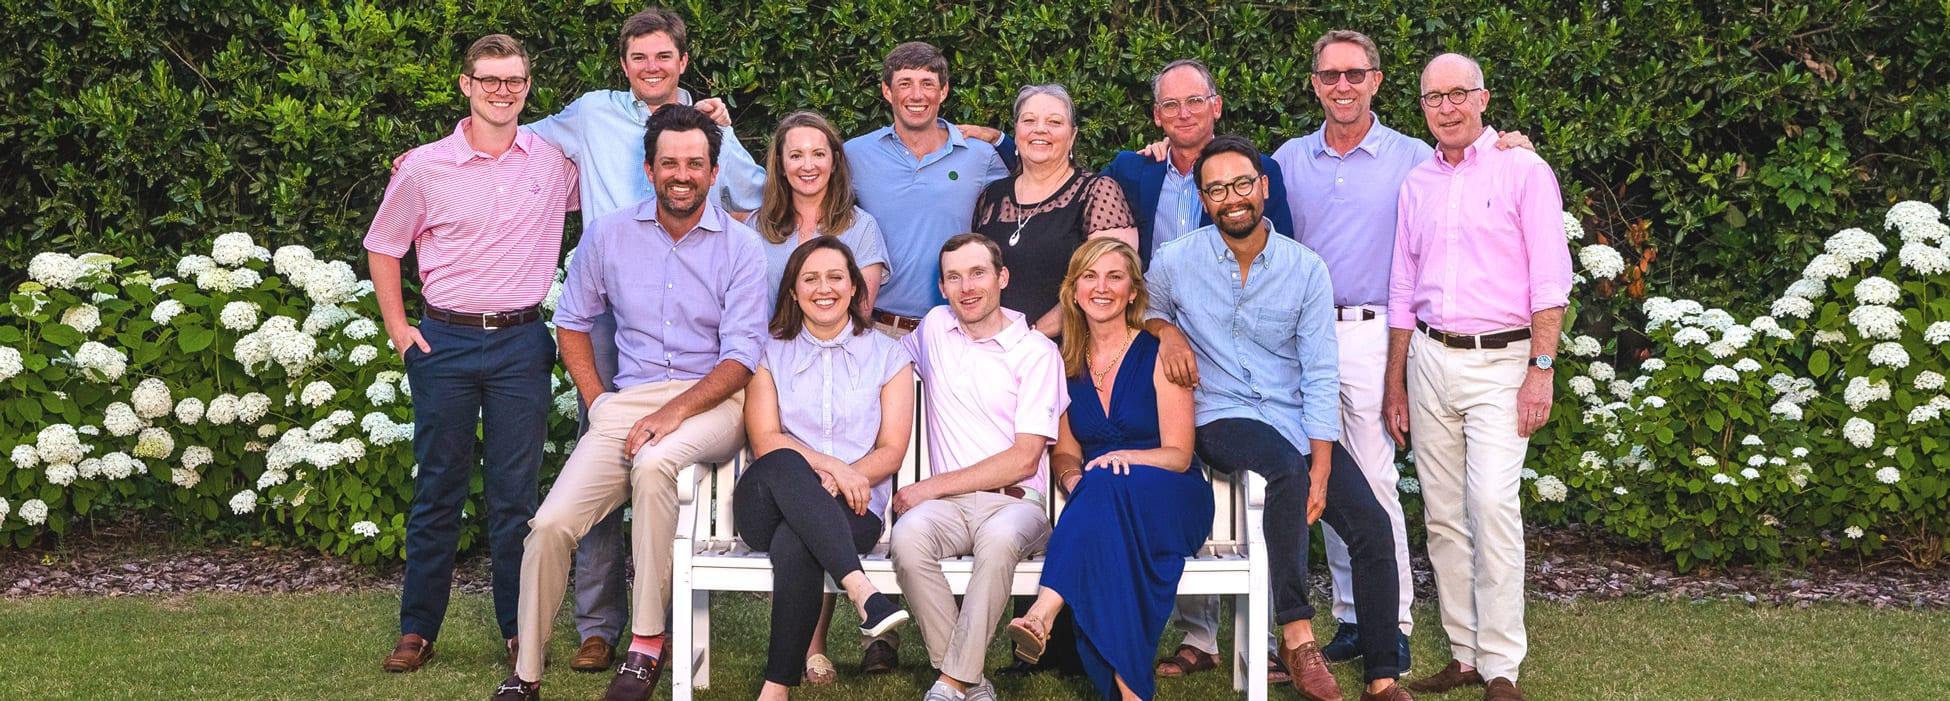 Heritage Group Team